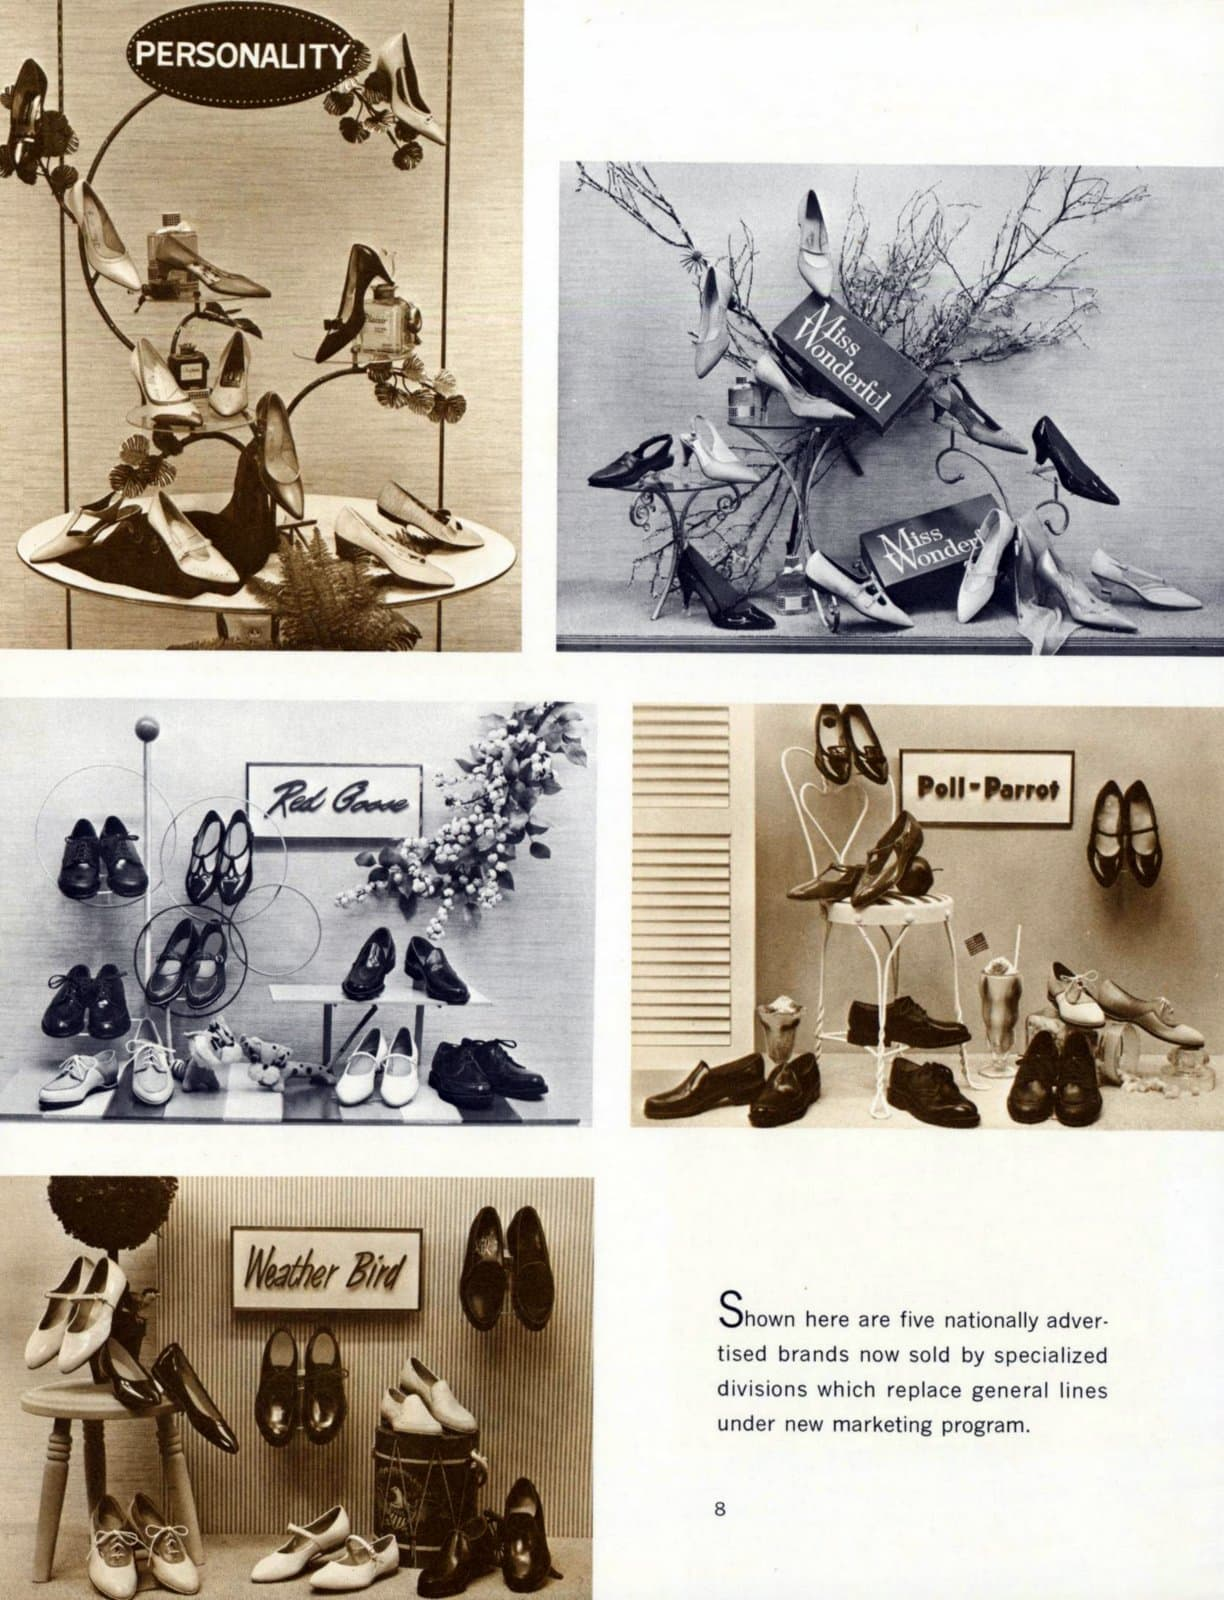 Vintage women's shoe displays (1964)